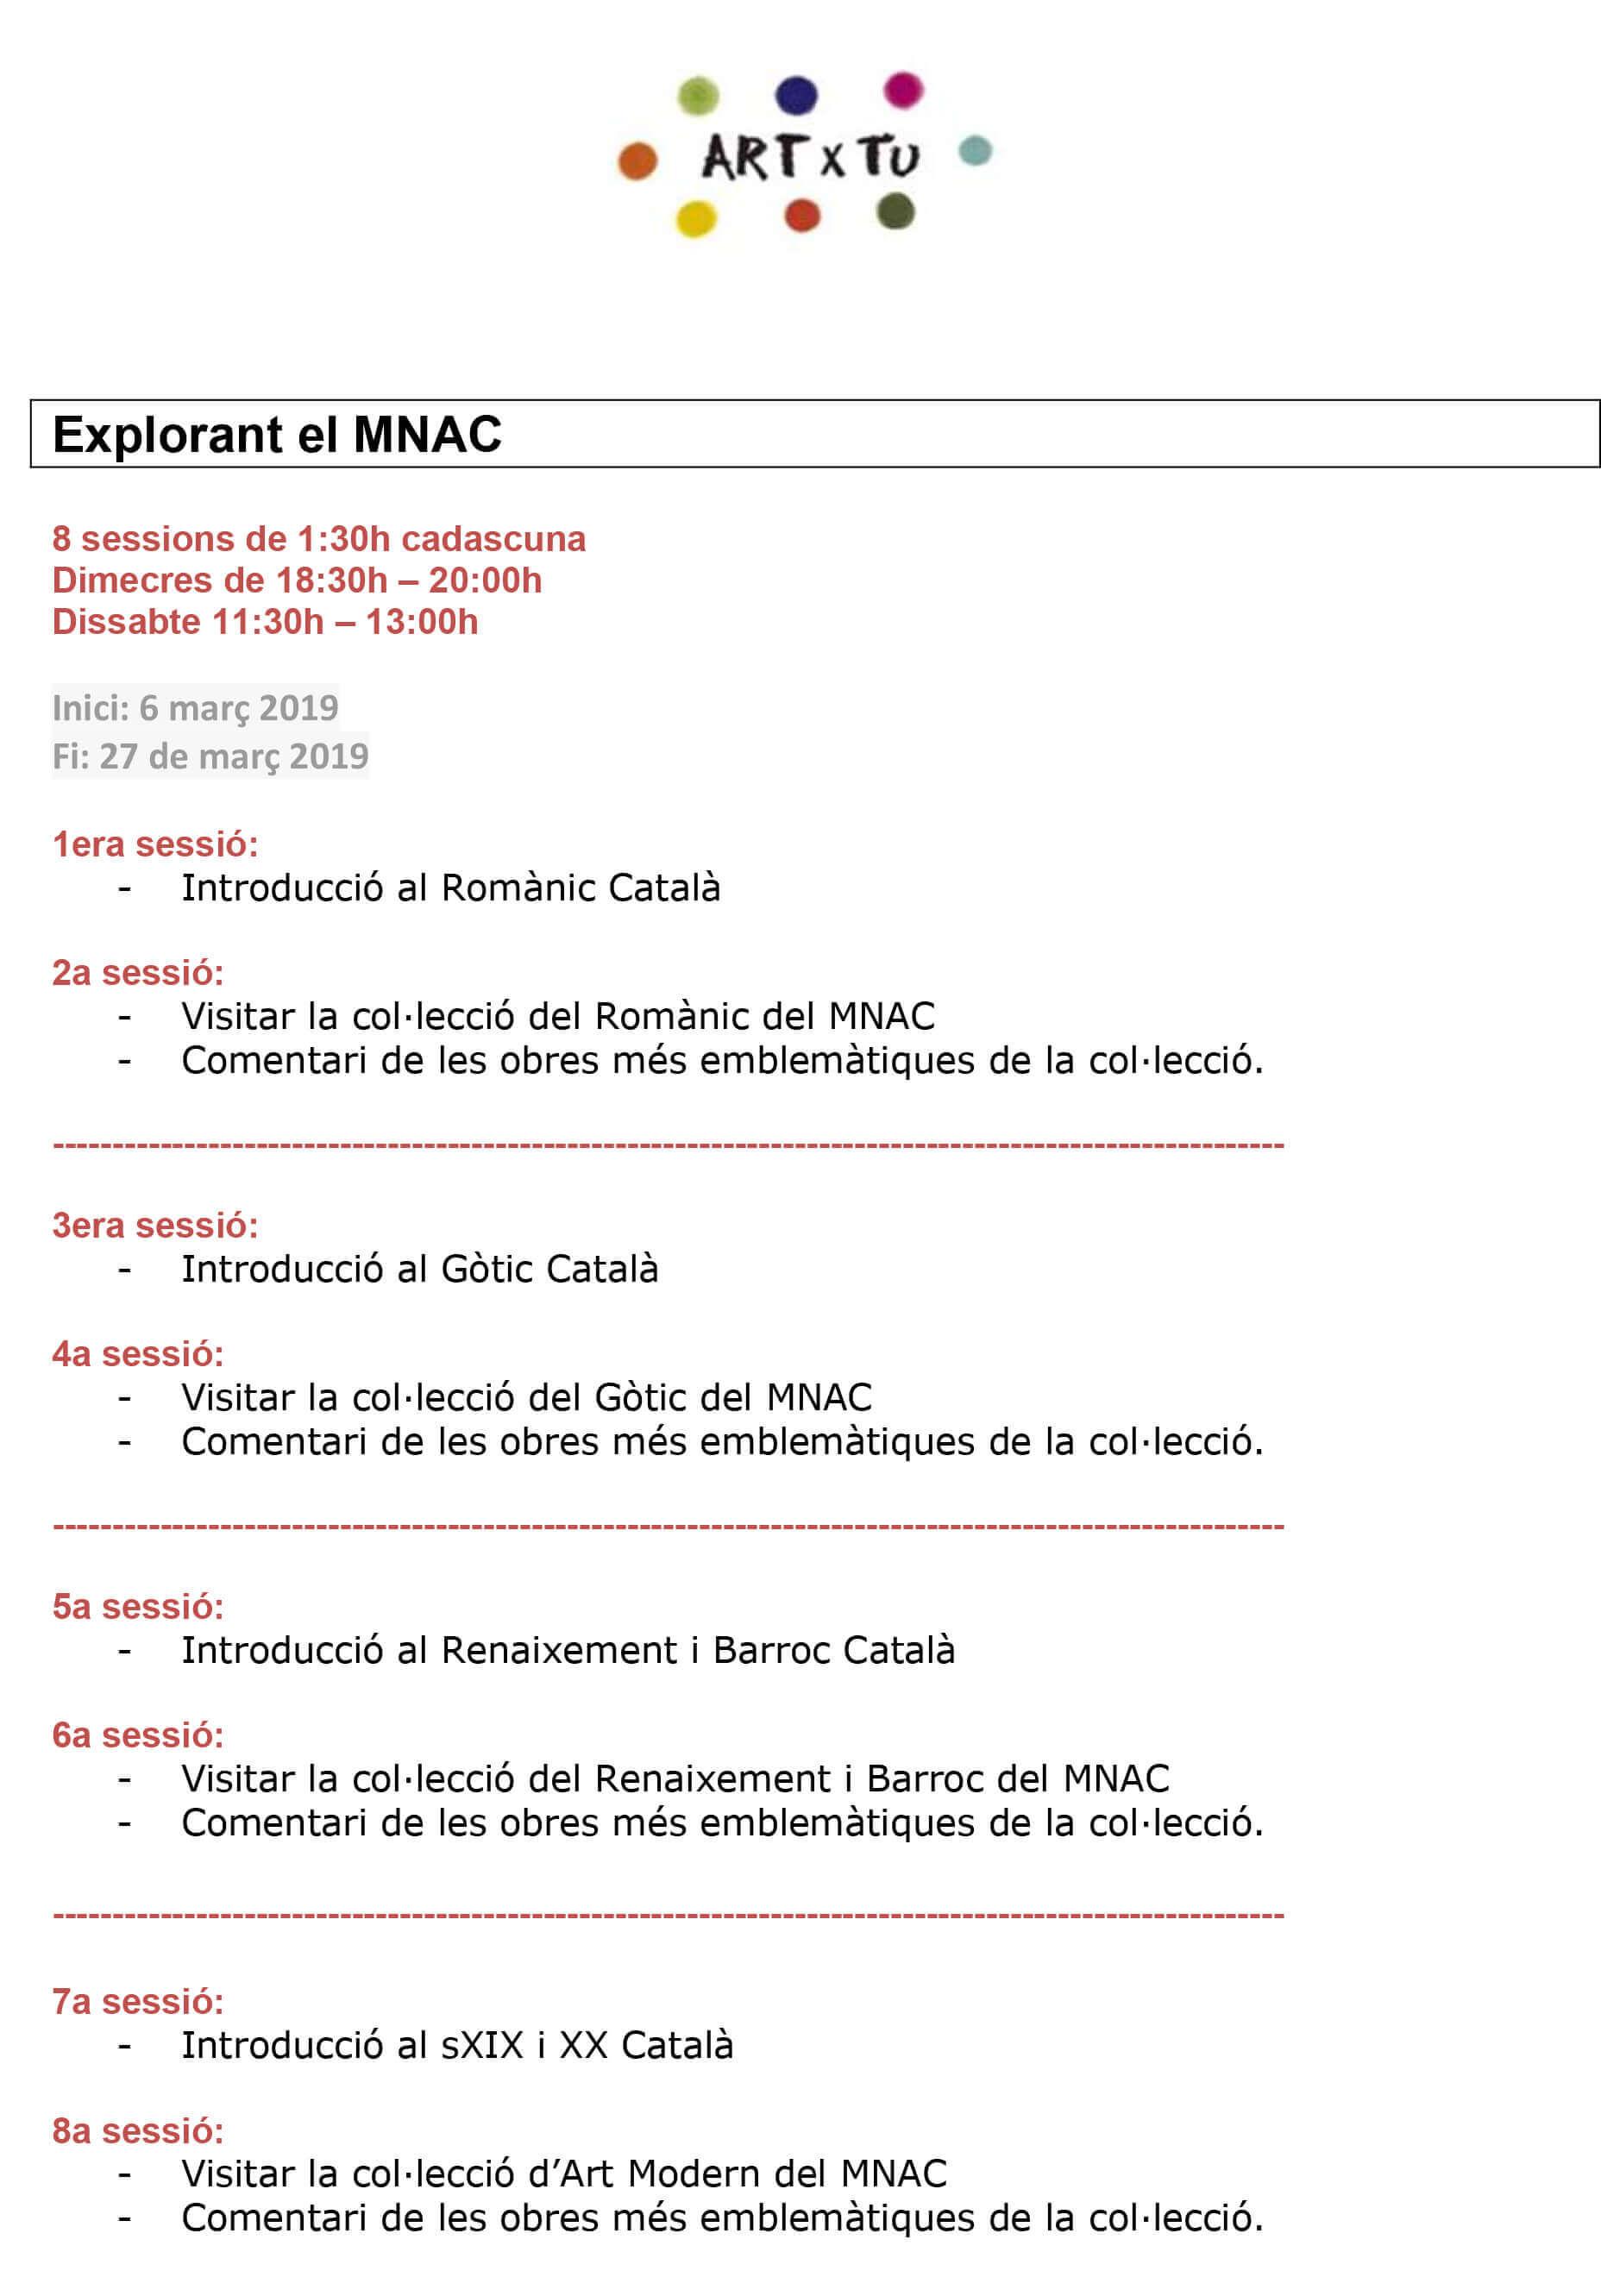 Explorant-el-MNAC-Programa-1 Prueba calendario